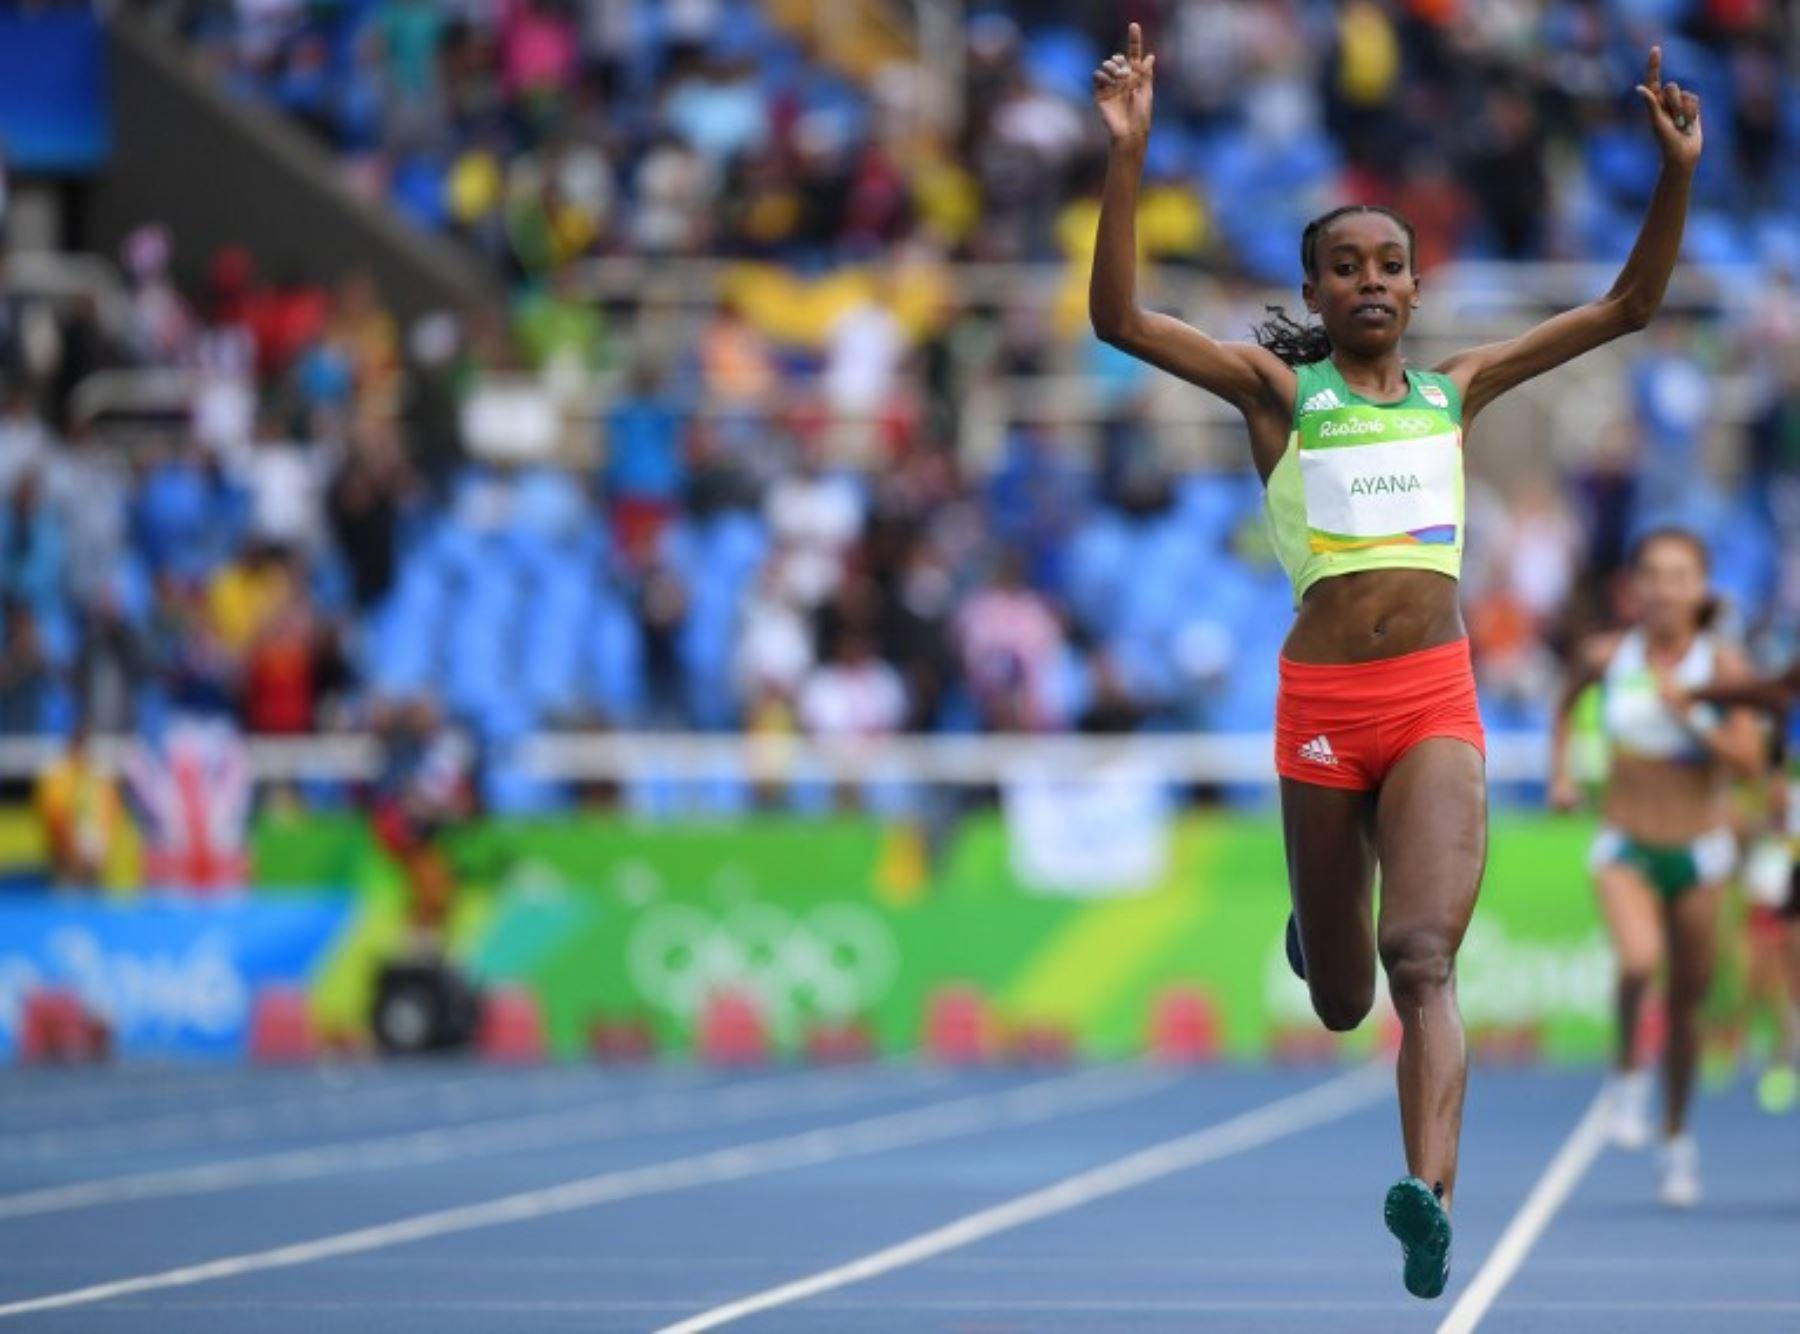 Fondo atletismo 10000 metros